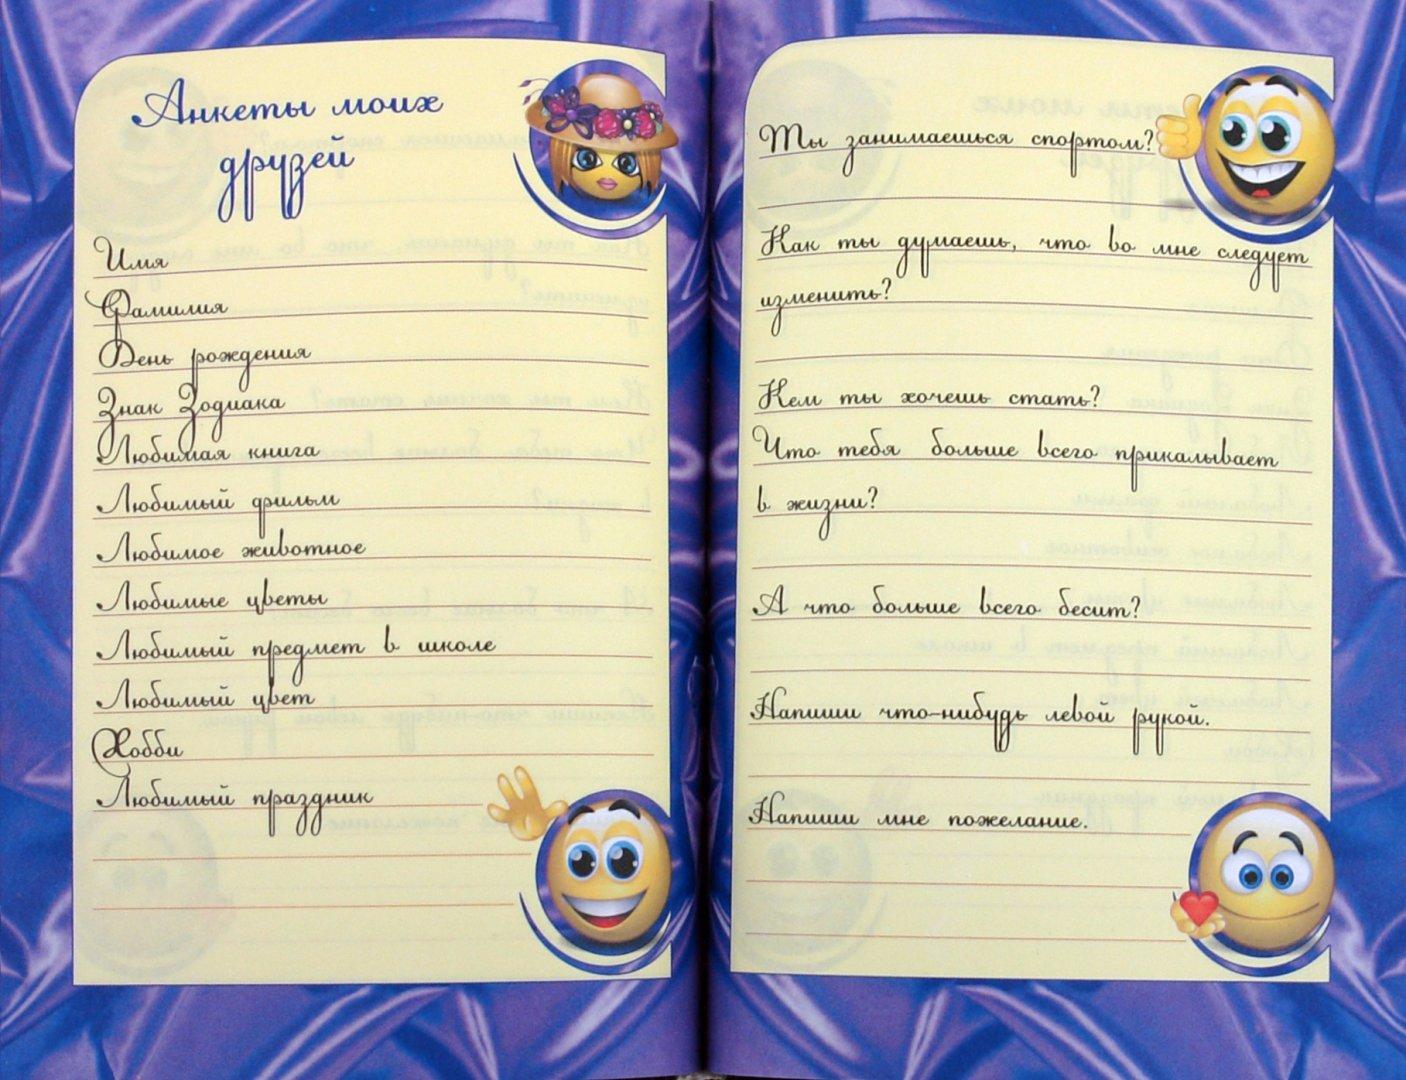 Дневник друзей картинки